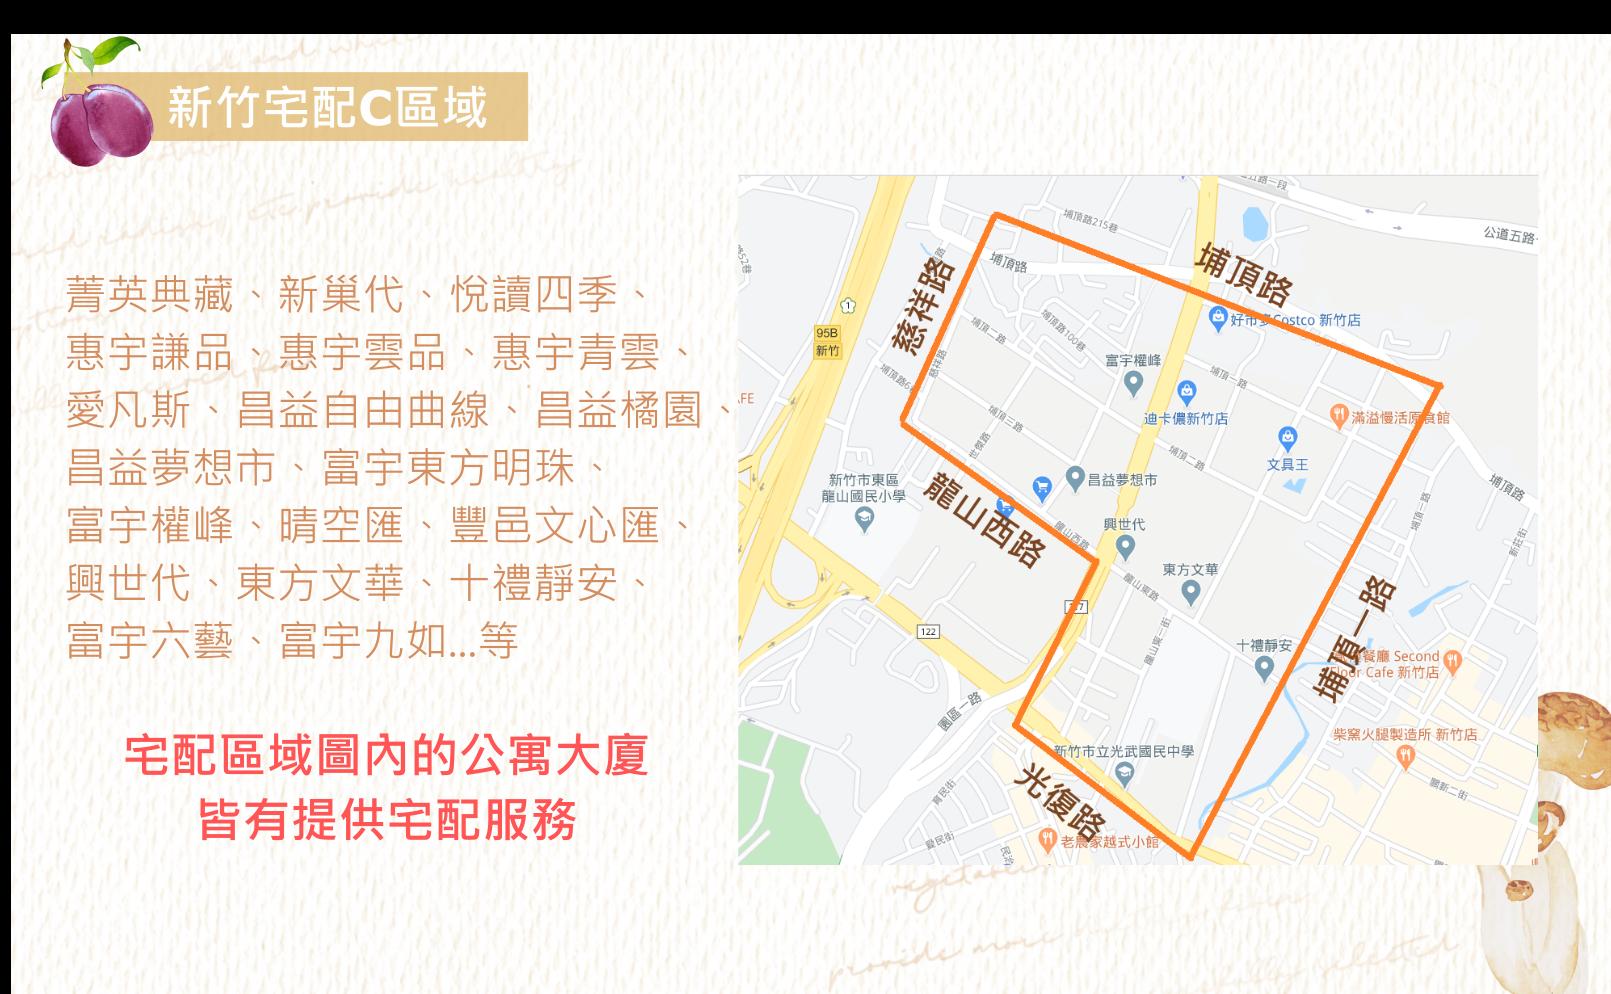 新竹市C完成_外送區域_20200226.png